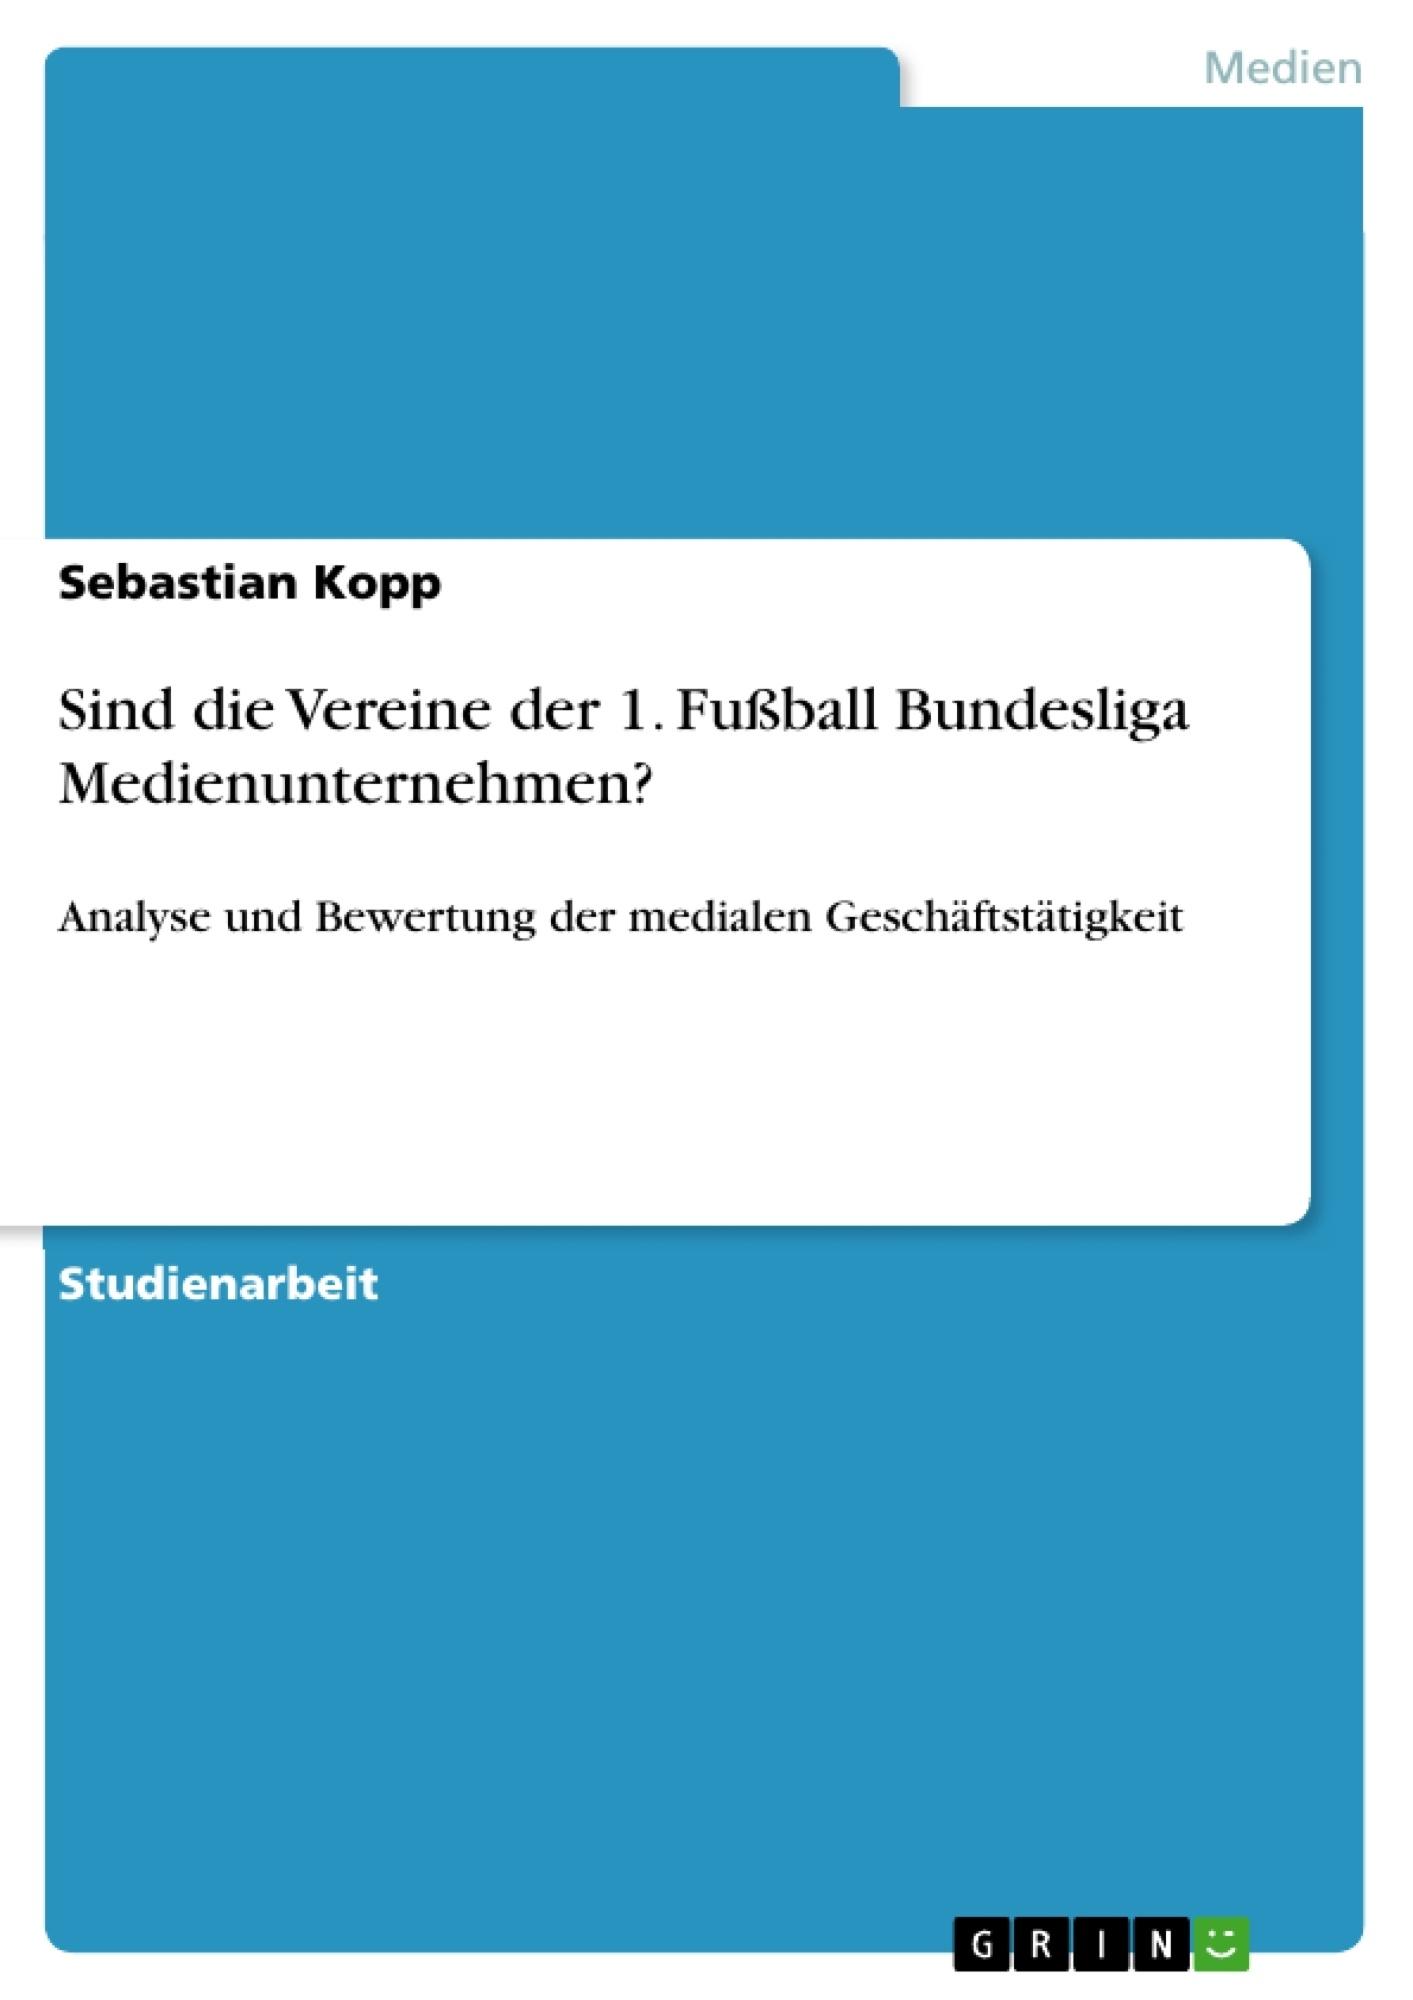 Titel: Sind die Vereine der 1. Fußball Bundesliga Medienunternehmen?